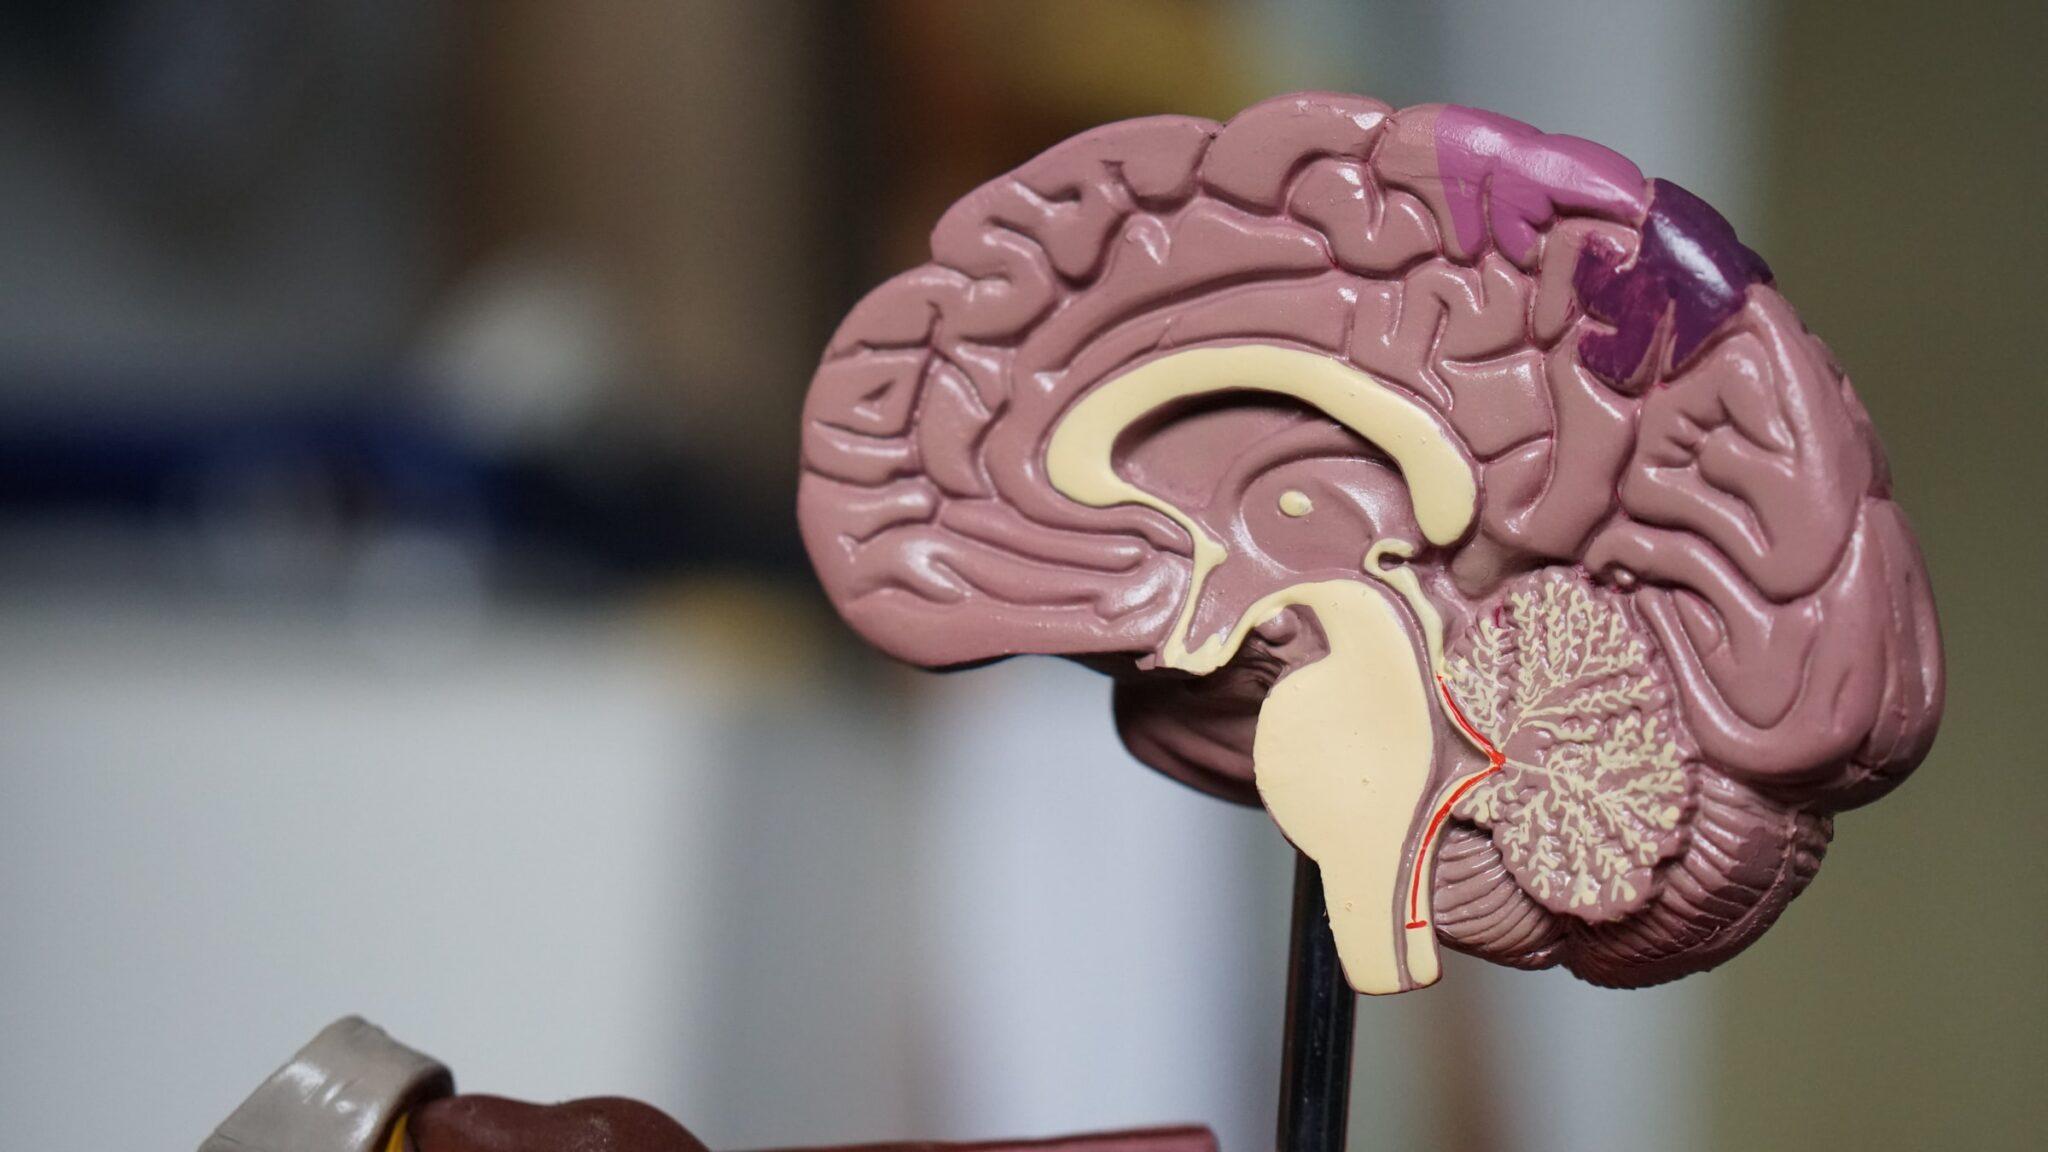 Ein seitlich aufgeschnittenes Modell eine smenschlichen Gehirns